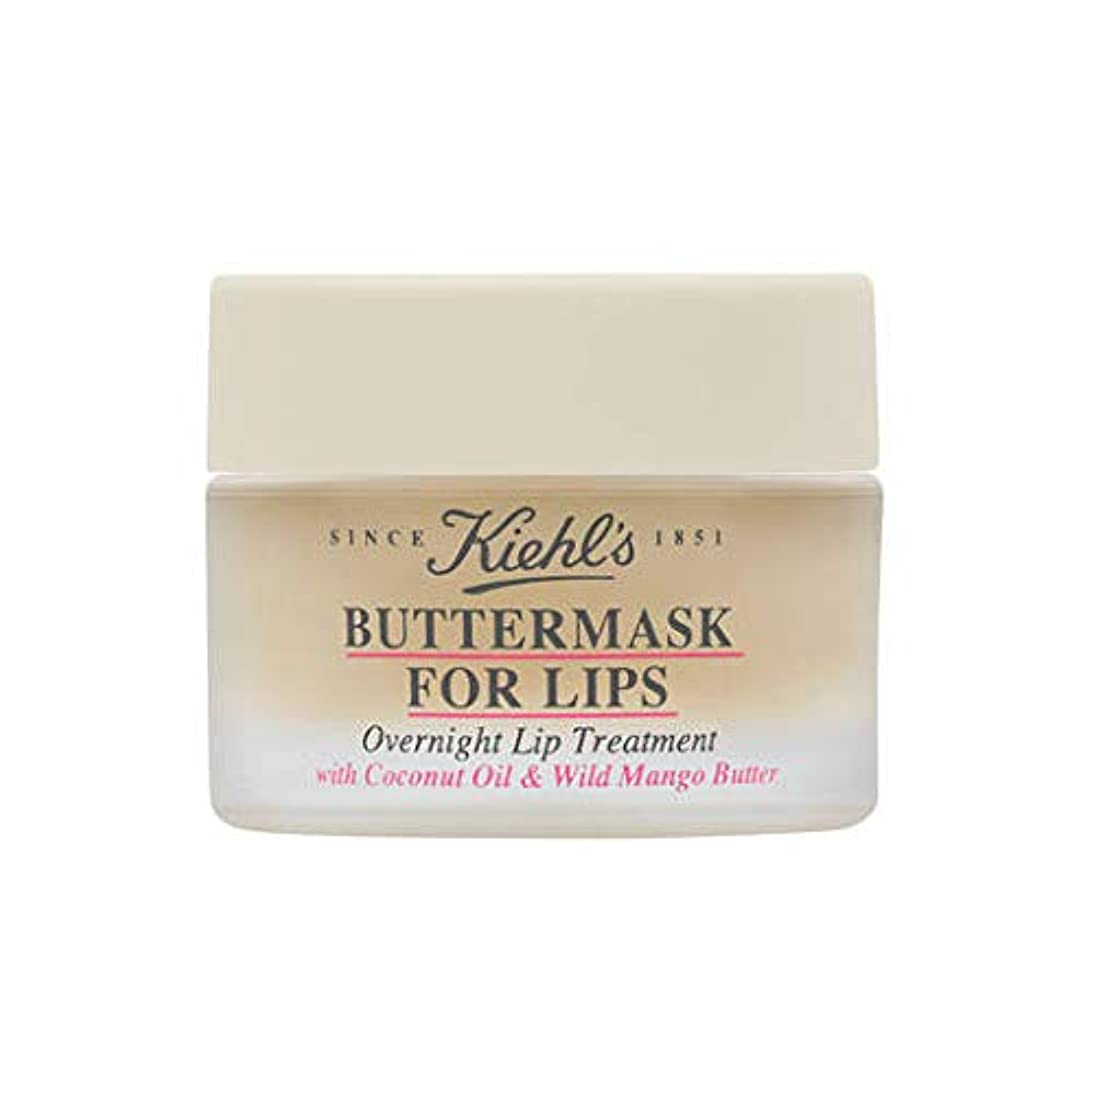 ジャーナリスト混合百年Kiehl's (キールズ) 唇用バターマスク 一晩のリップトリートメント 8g